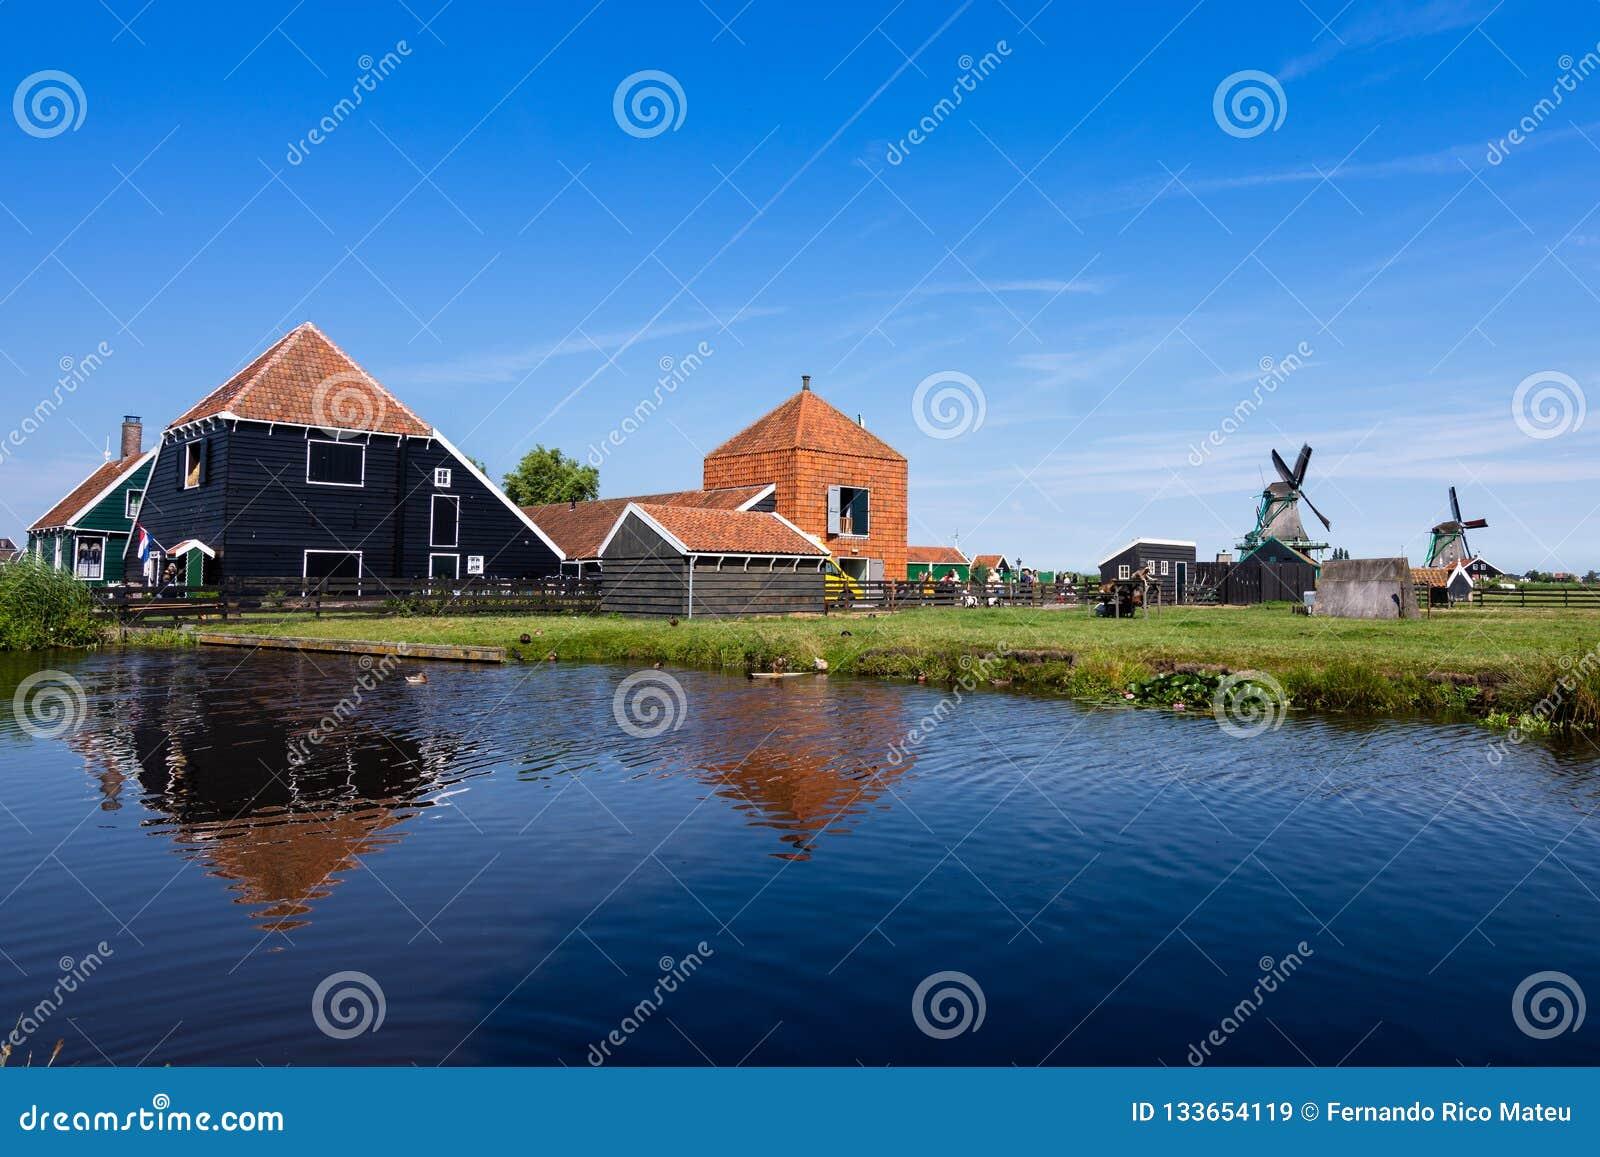 Réflexions dans l eau des fermes et des moulins à vent un beau jour, avec un ciel bleu ZAANSE SCHANS holland